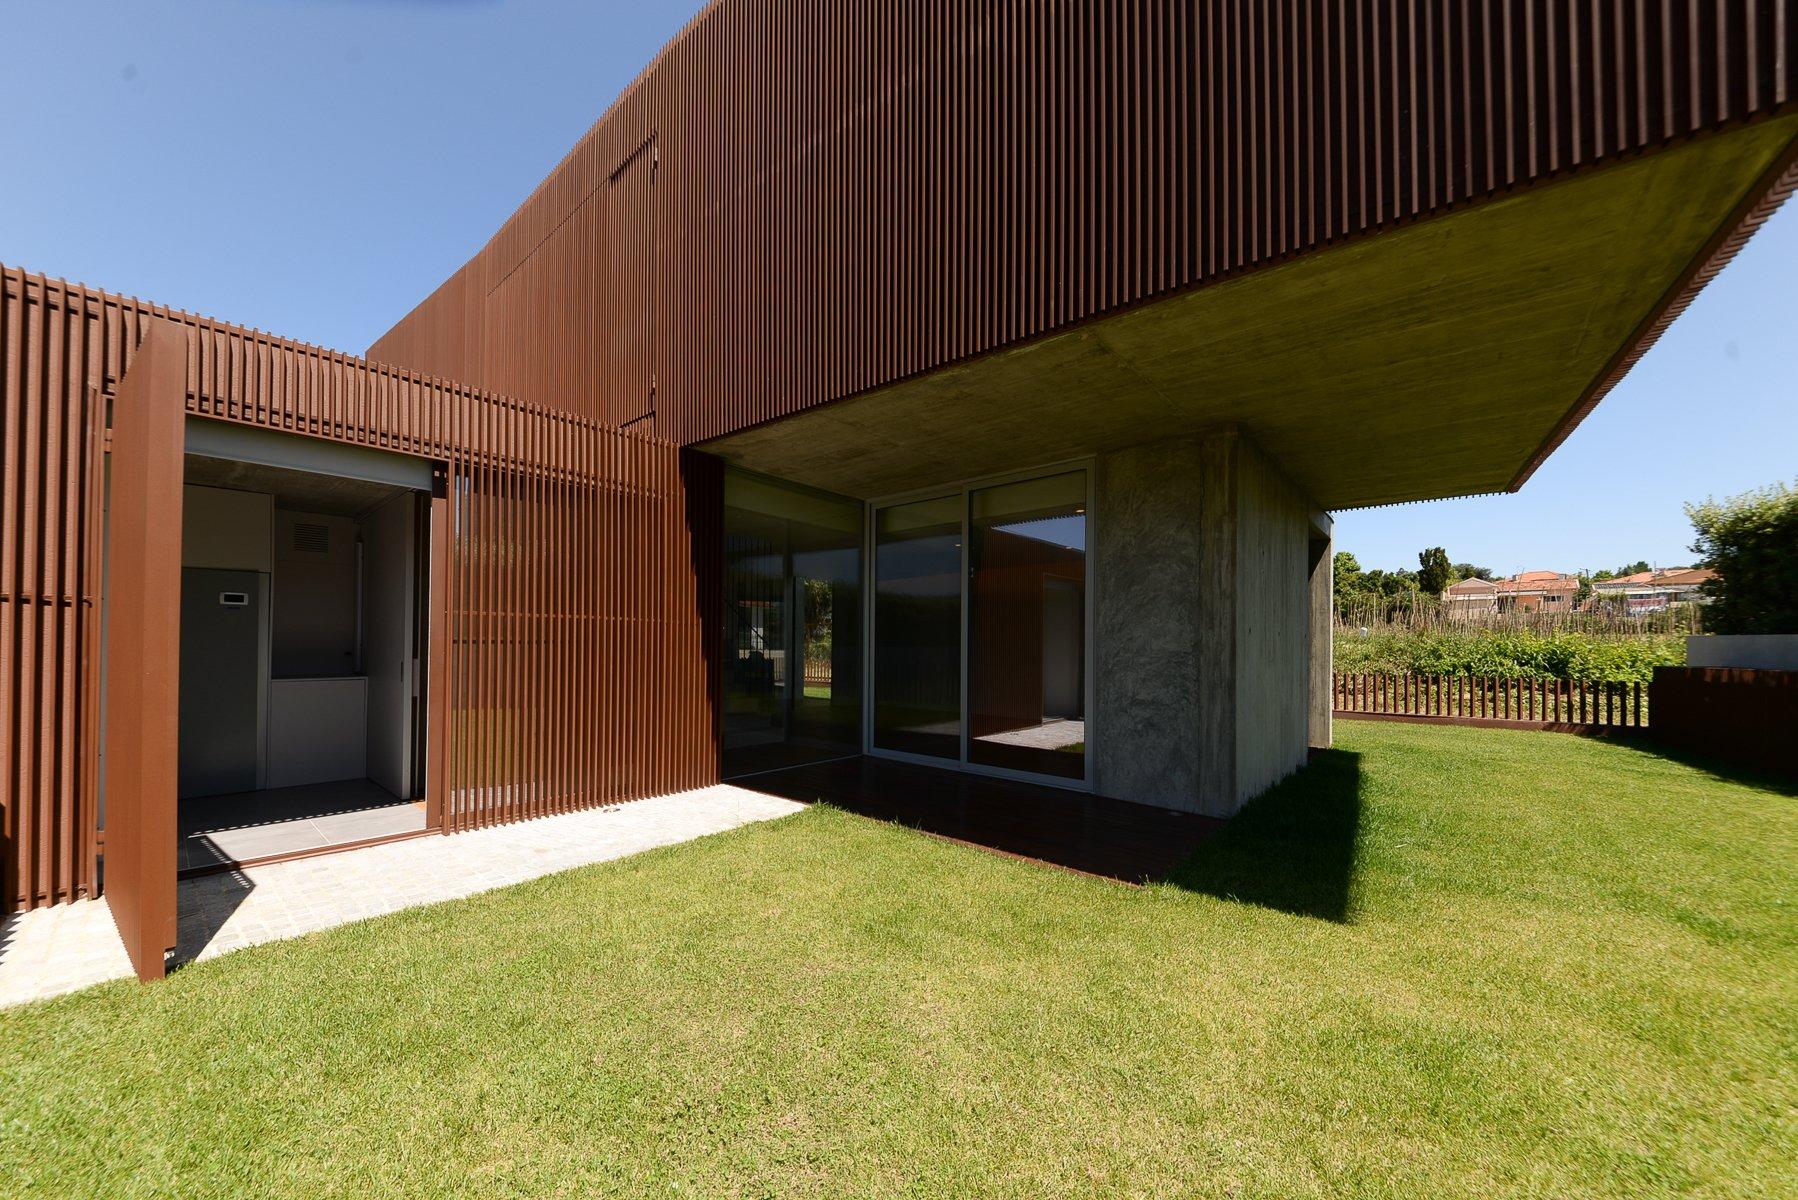 3 Bedroom Villa Vila Nova de Gaia, Porto Ref: AVP79